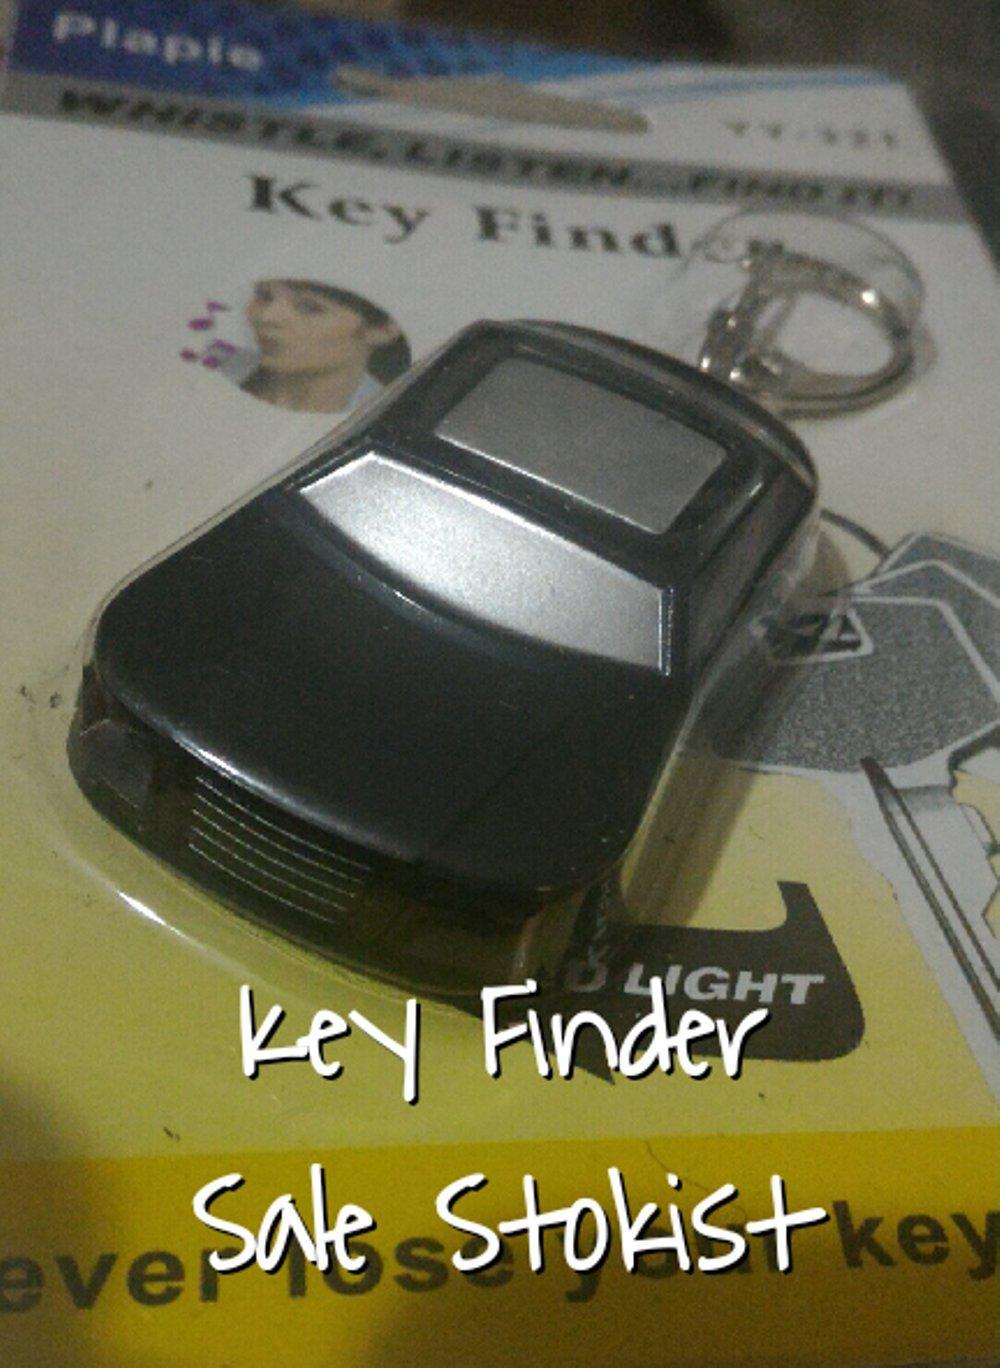 key finder alaram suara bunyi gantungan kunci alarm on off penemu kunci rumah mobil sepeda motor toko kantor garasi gudang senter led merah lampu di lapak SALE STOKIST sale_stokist